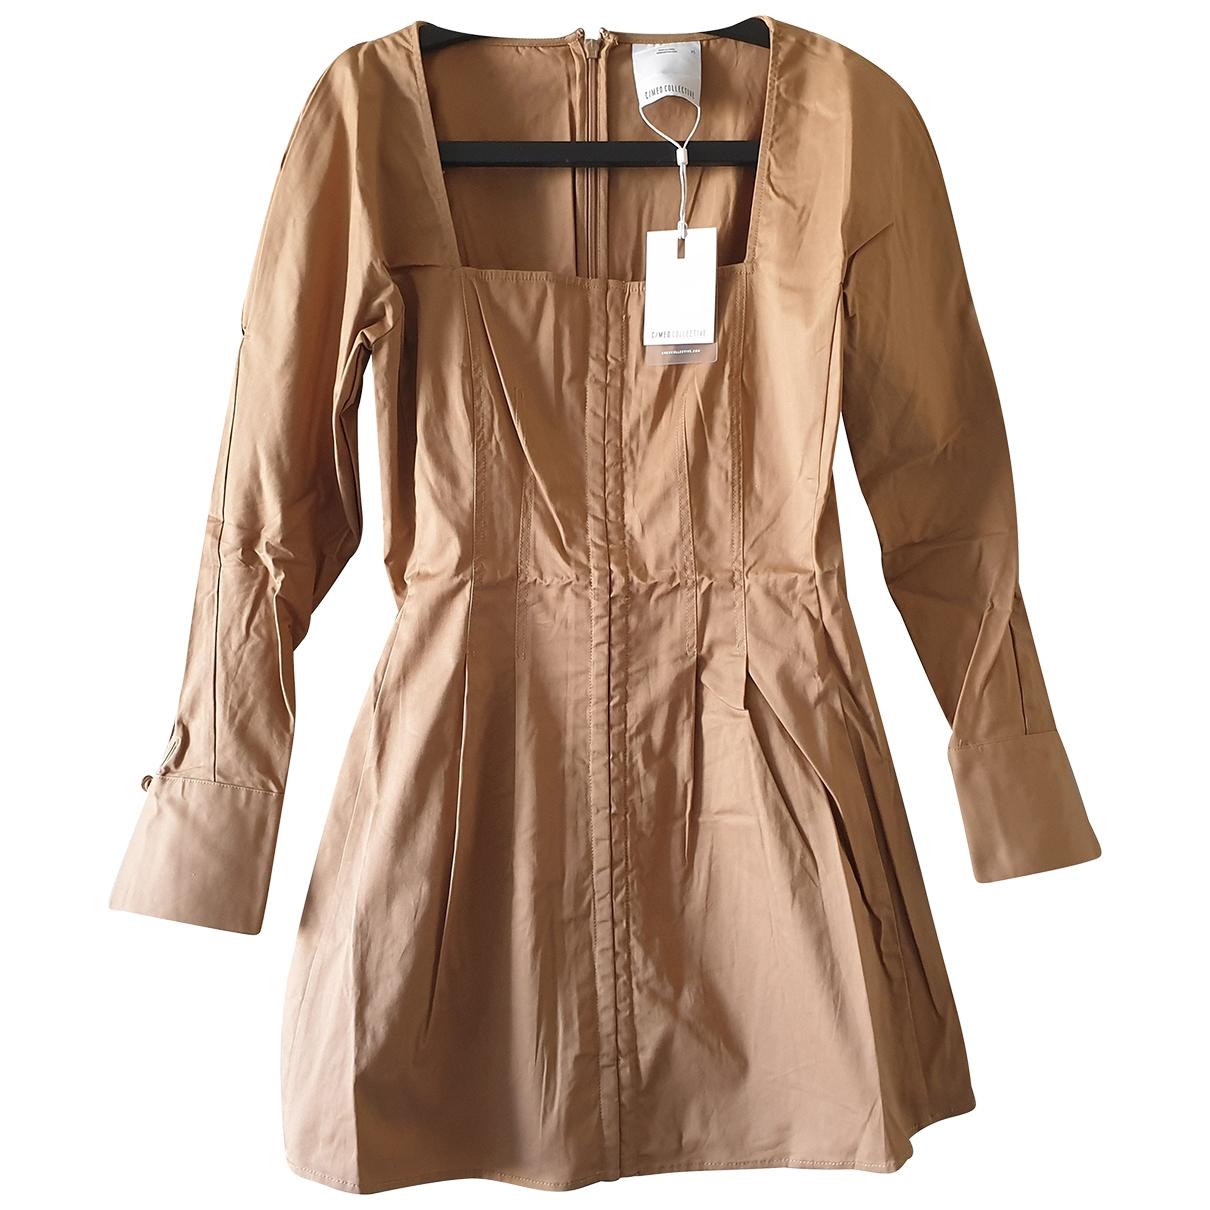 C/meo - Robe   pour femme en coton - camel